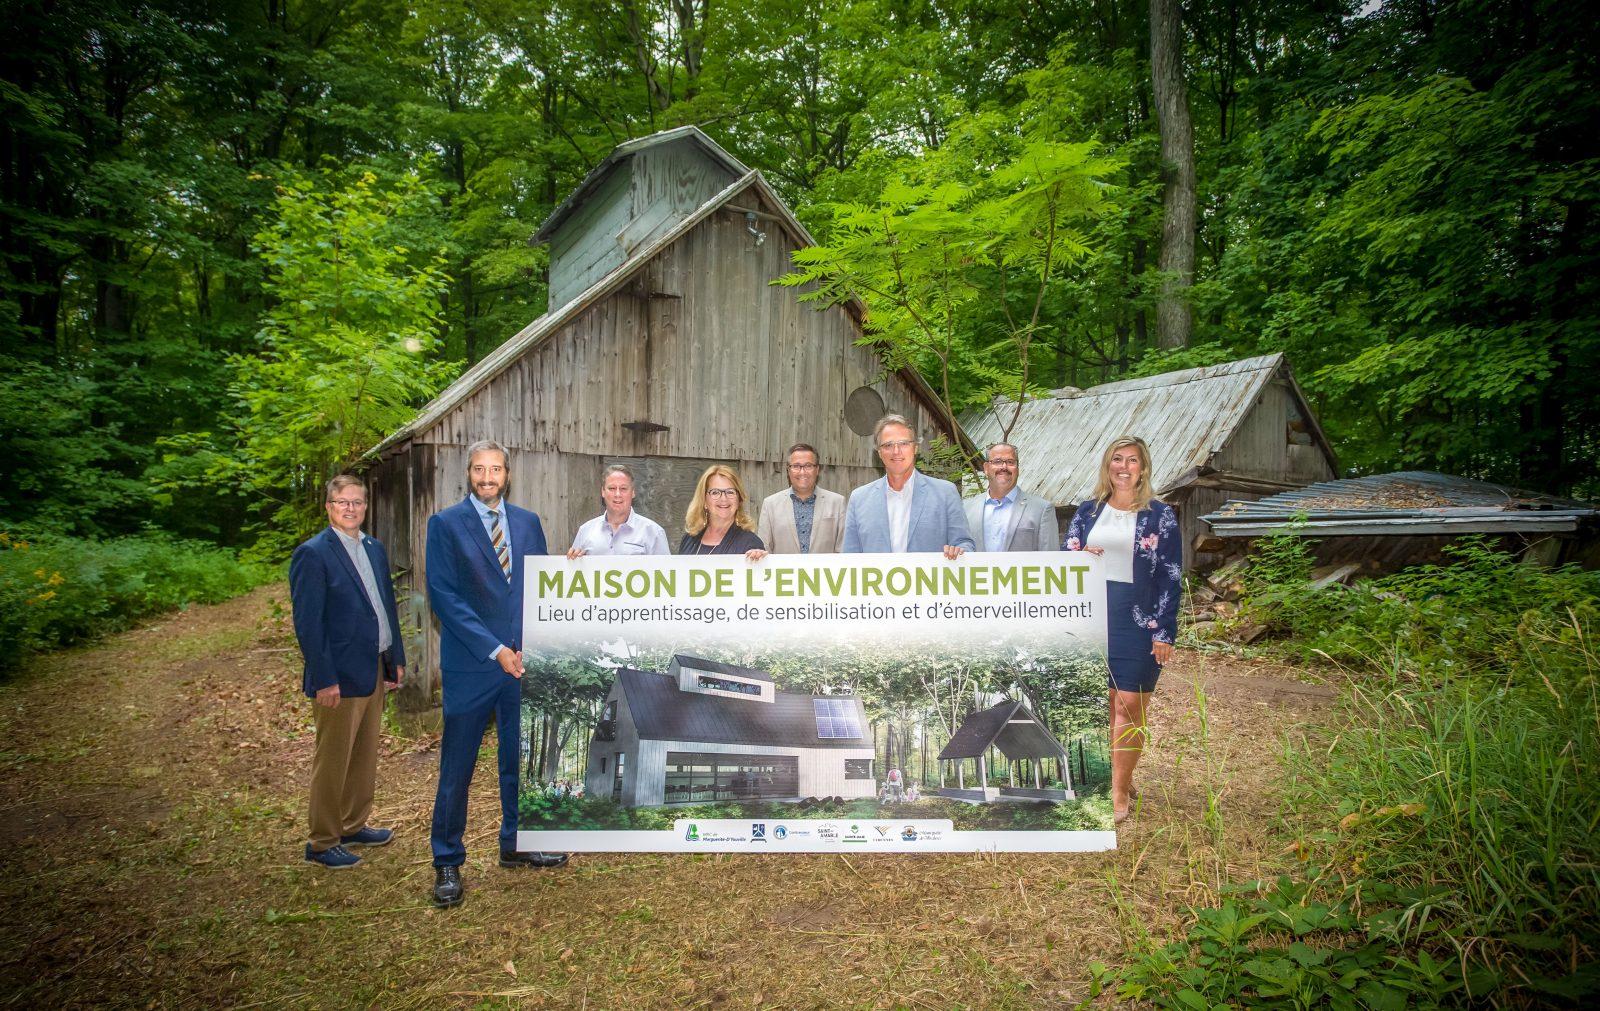 Maison de l'environnement: naissance d'un important projet écologique dans la MRC